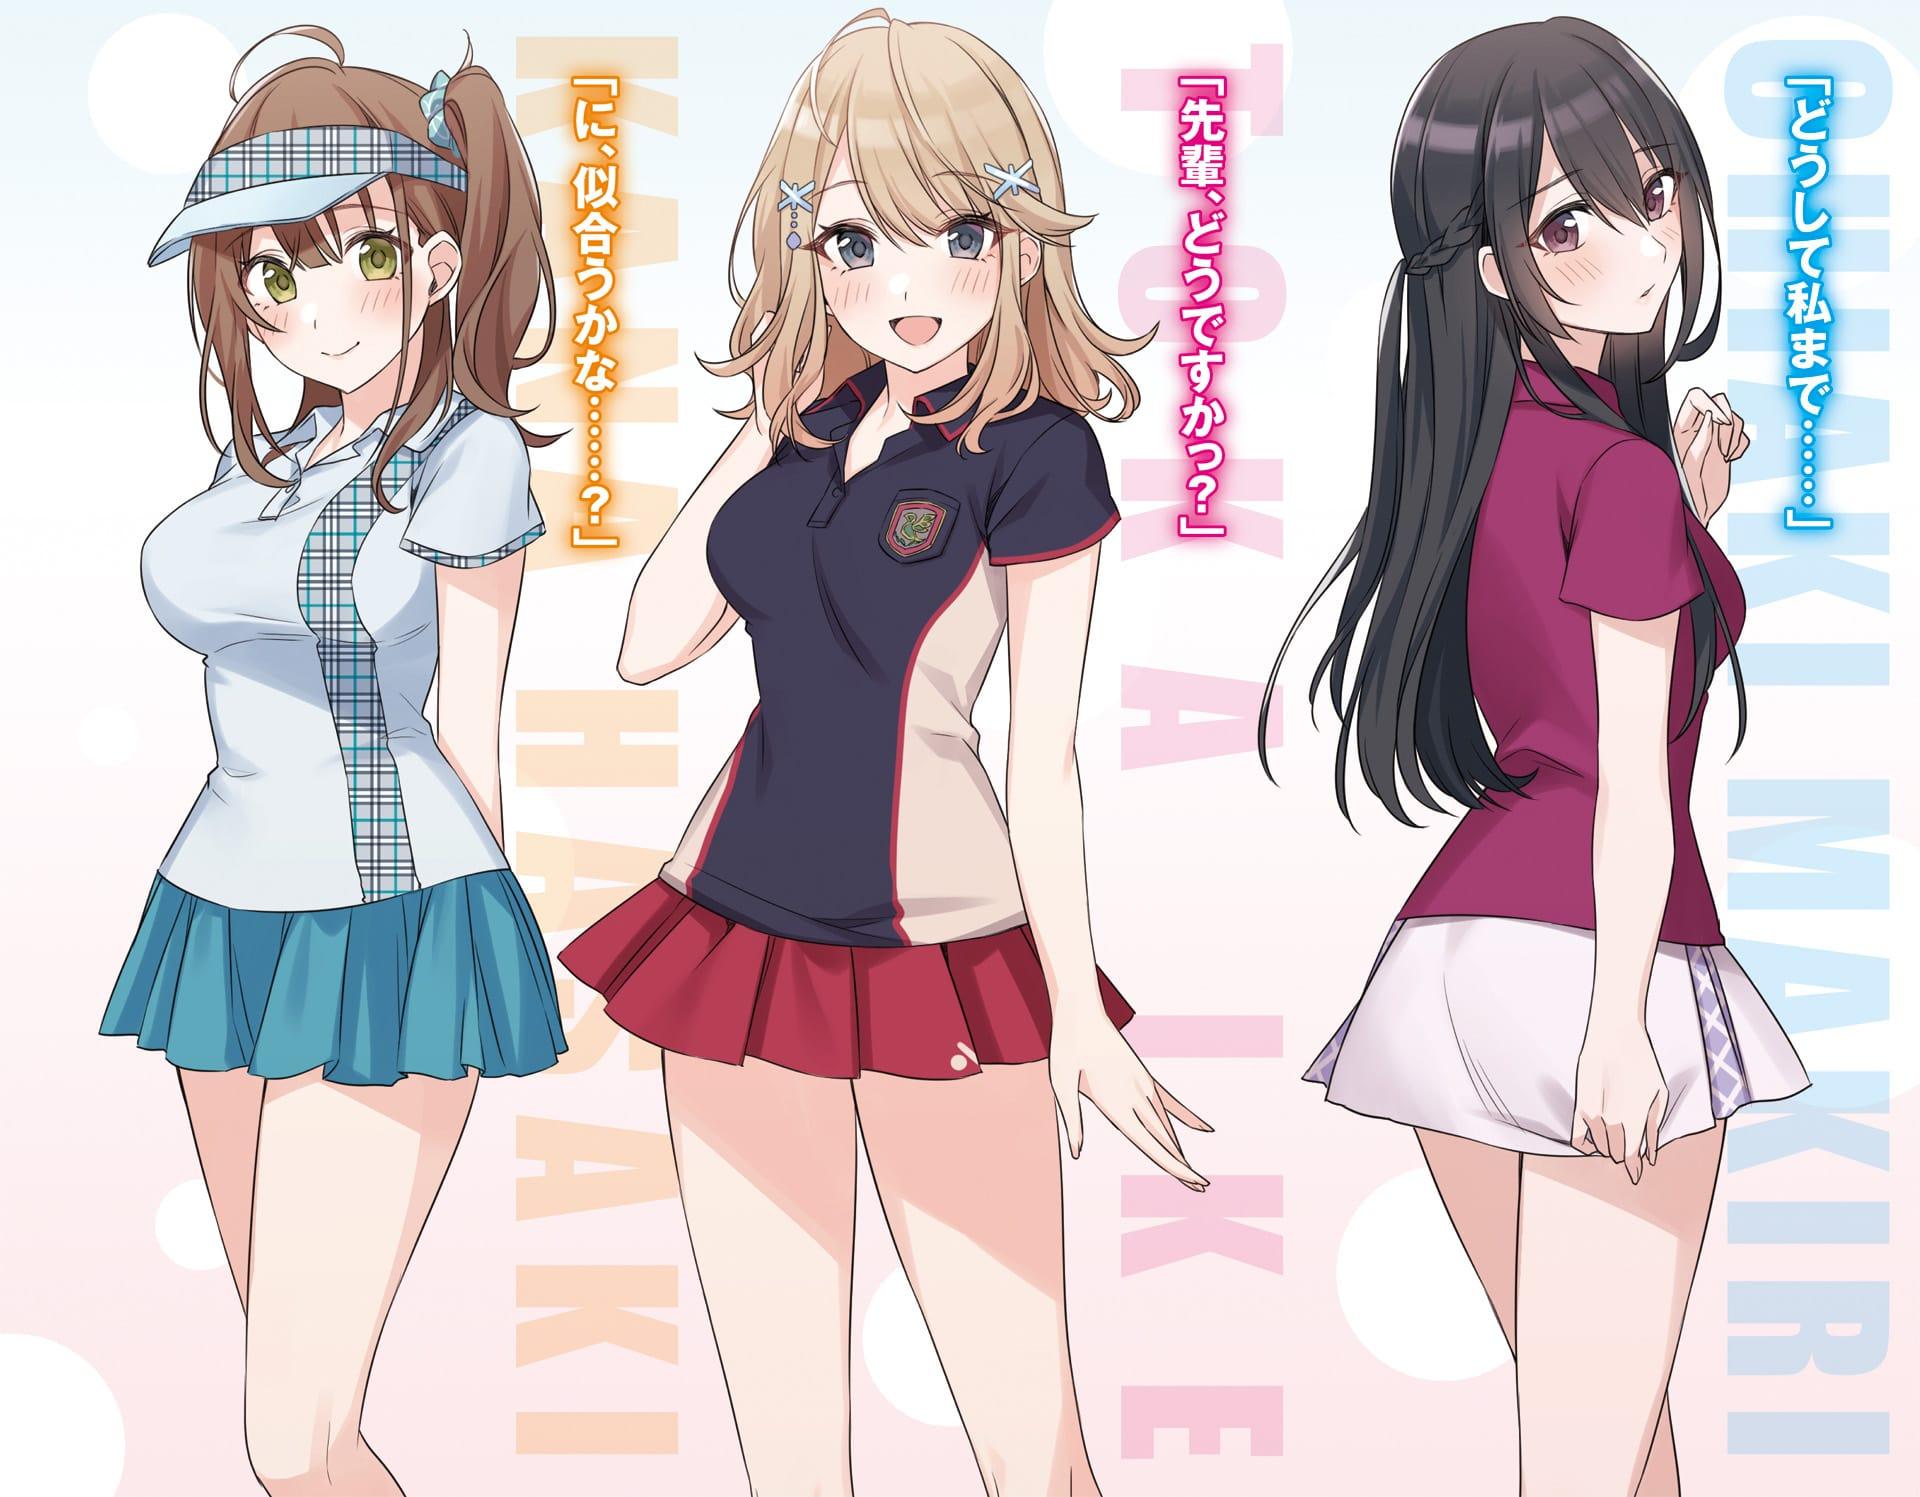 """De izquierda a derecha: Hasaki Kana, Ike Touka y Makiri Chiaki. Ilustración de la edición japonesa de """"Yuujin-chara no Ore ga Motemakuru Wakenaidarou?"""" Un personaje secundario como yo nunca podría ser popular, ¿verdad?"""